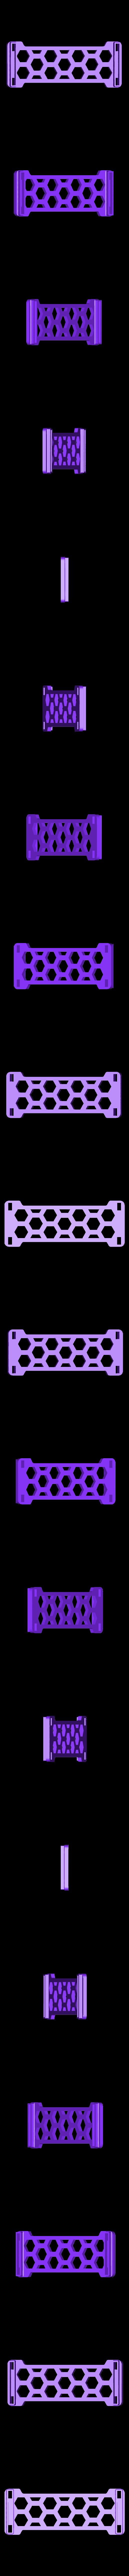 spool_holder-base_-_by_dany_sanchez.stl Télécharger fichier STL gratuit Porte-bobine latéral pour Ender 3 ou similaire • Objet pour impression 3D, DanySanchez